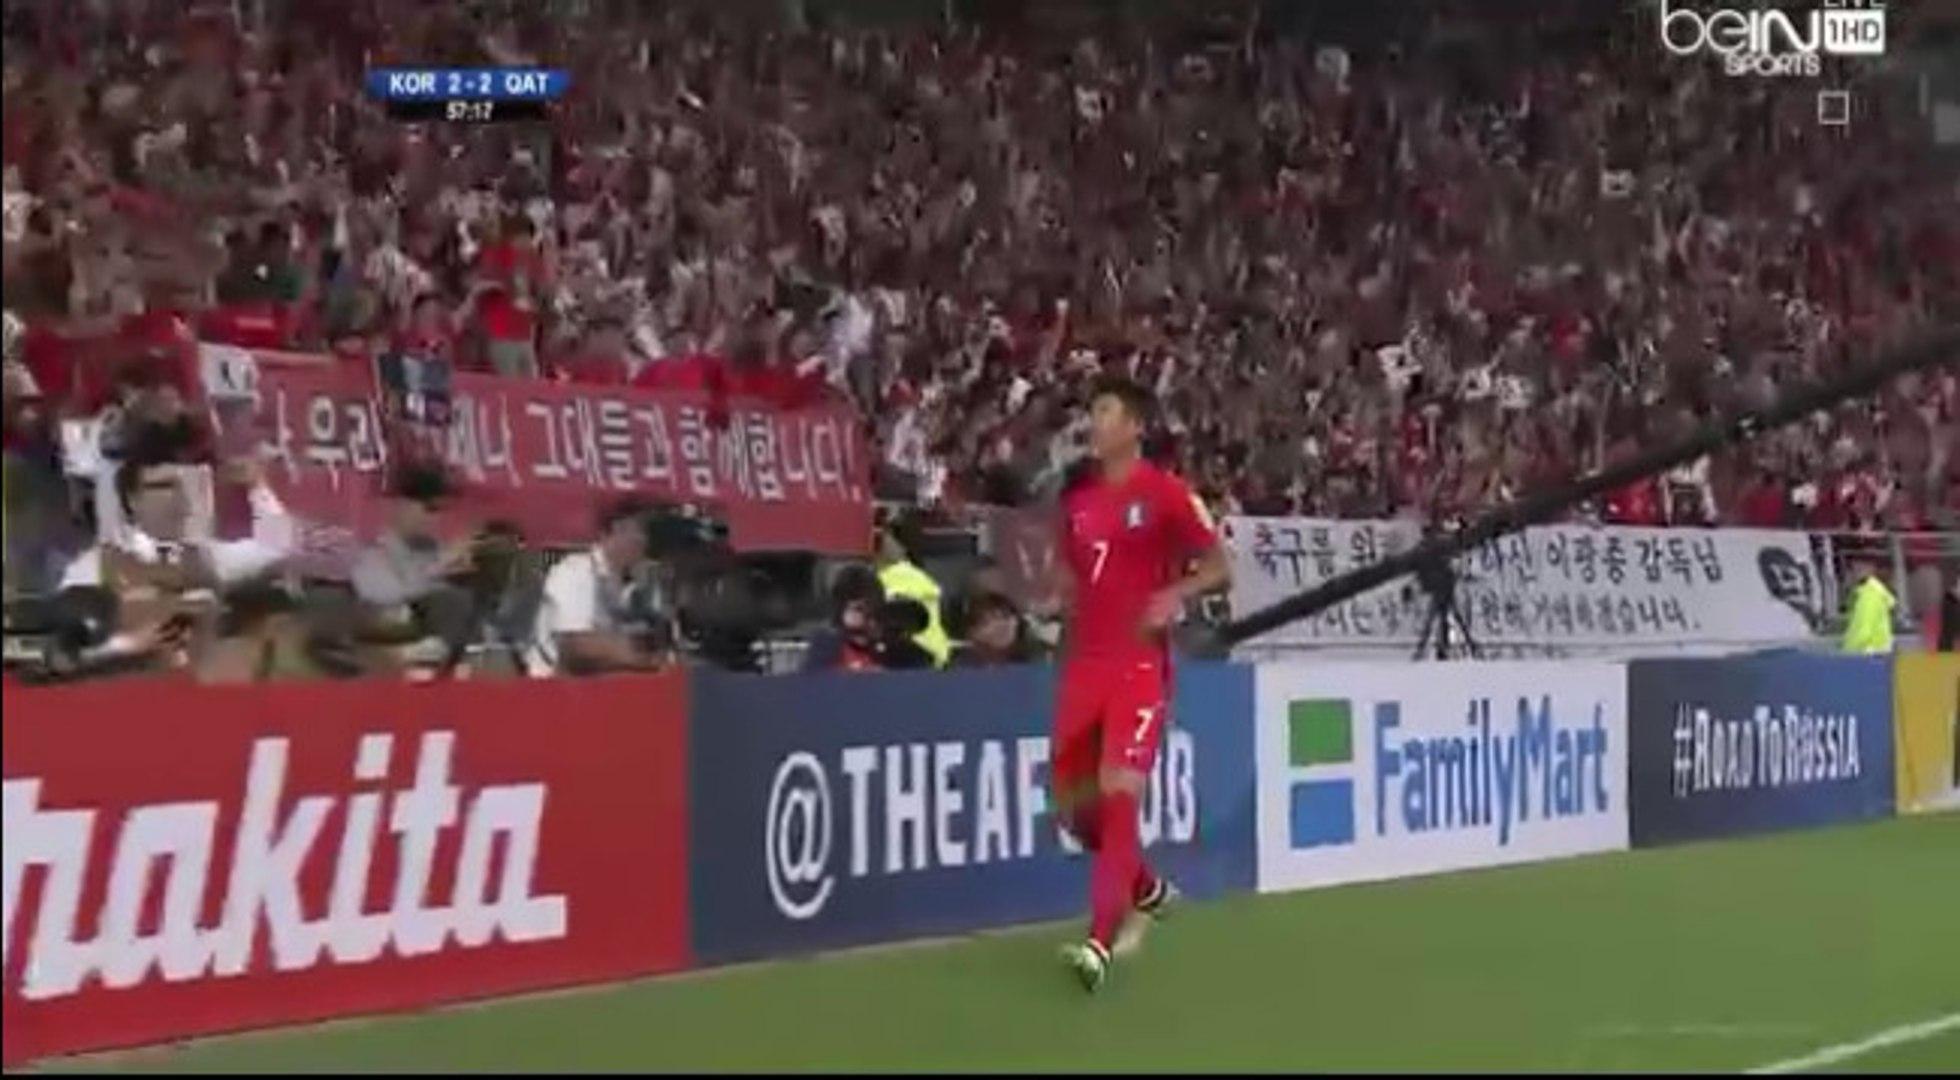 Son Heung-min Goal - South Korea 3-2 Qatar (06/10/2016)